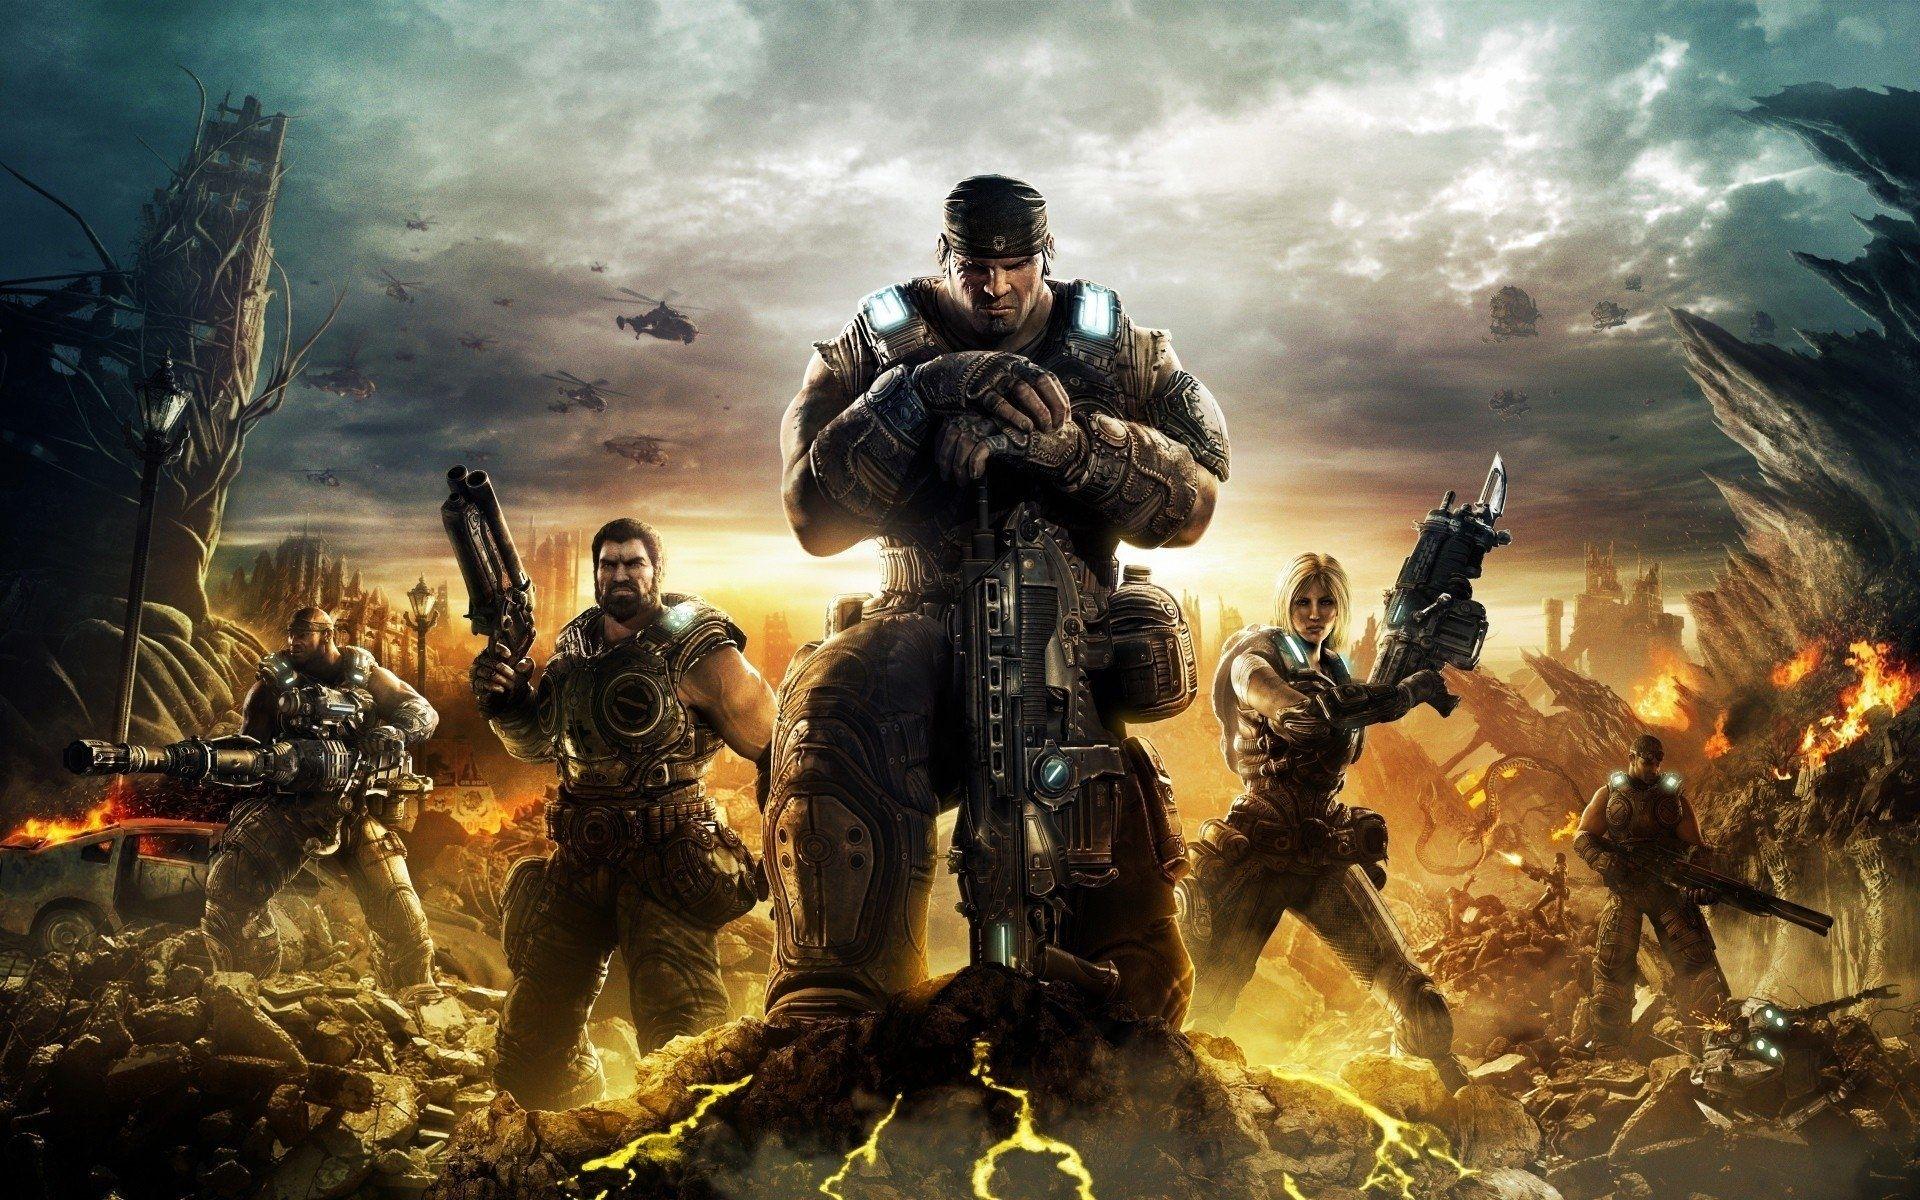 10 Best Gears Of War 3 Wallpaper Full Hd 1080p For Pc Desktop Gears Of War Gears Of War 3 Obstacle Course Games